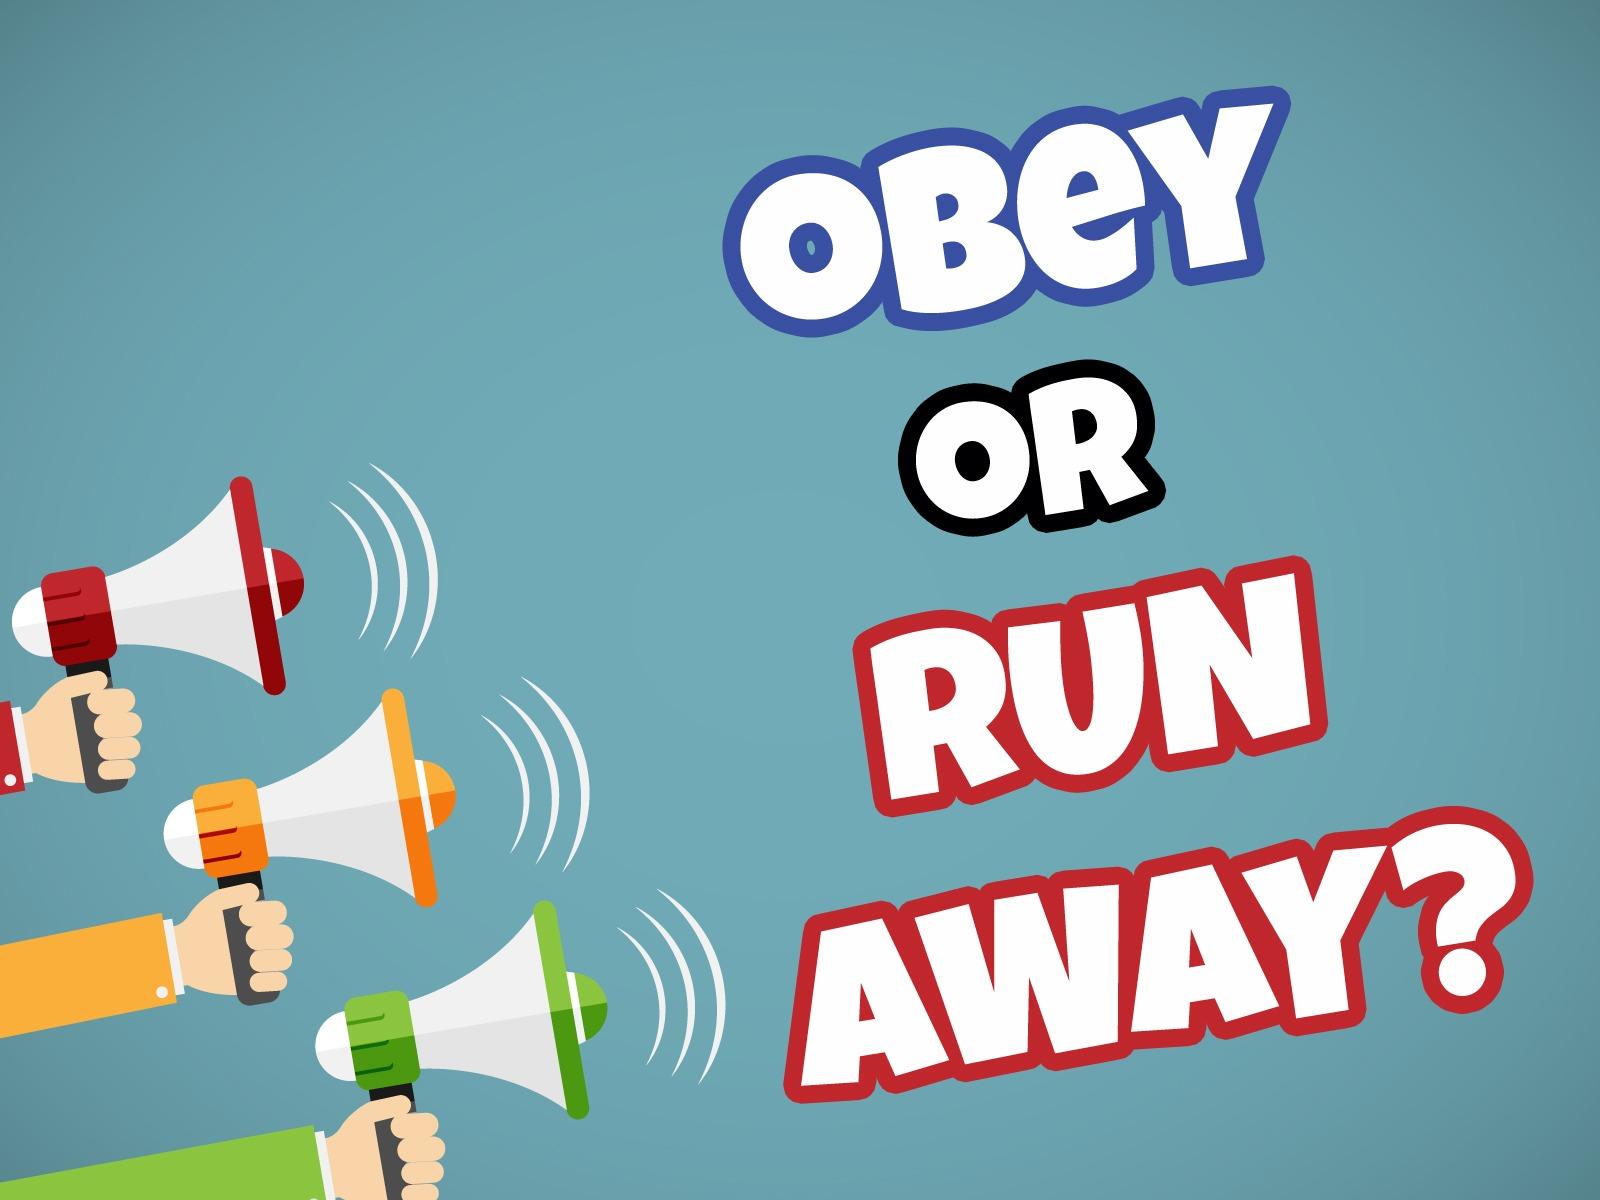 Obey or Run Away